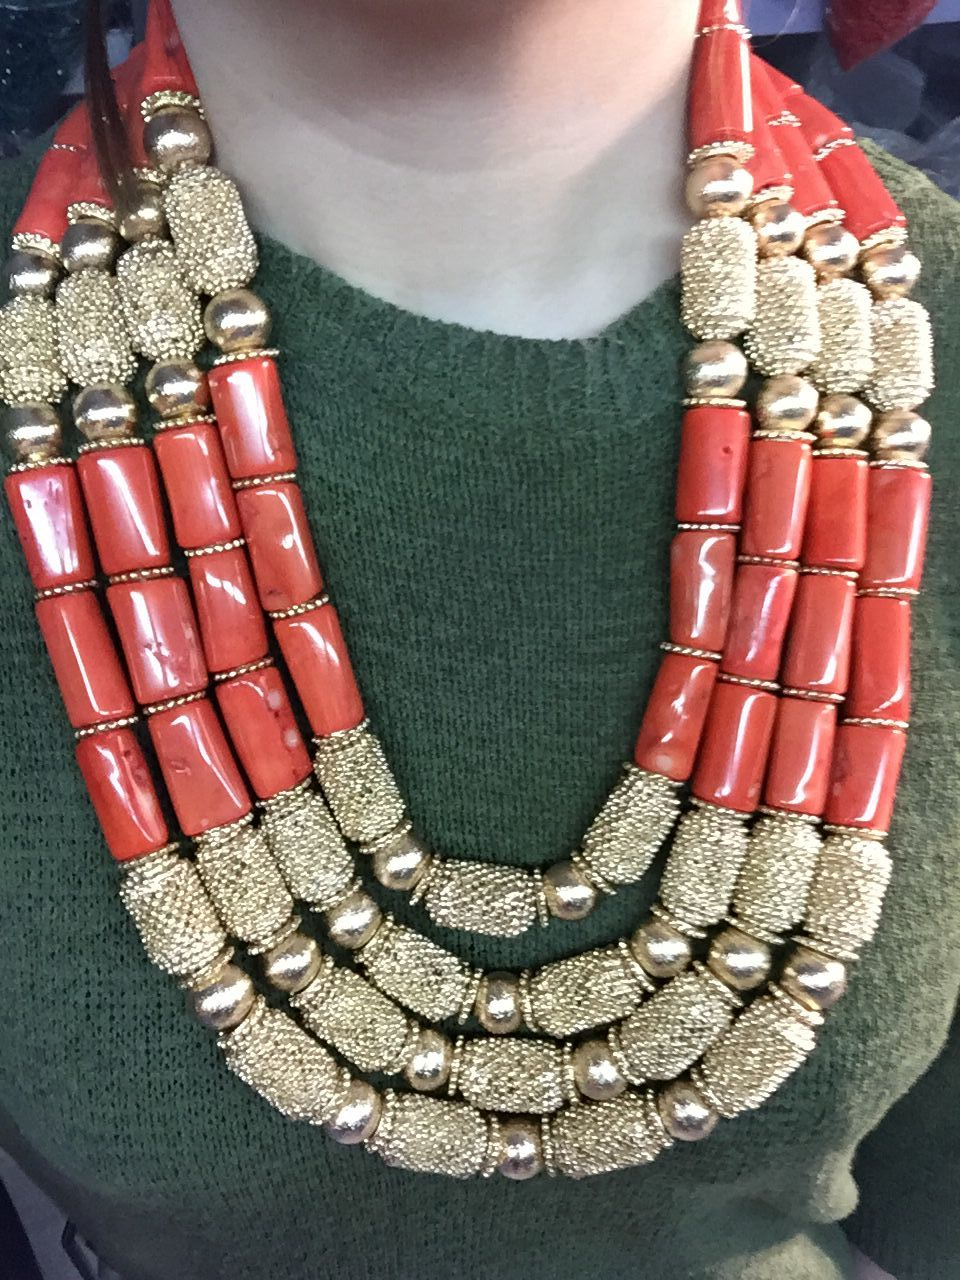 Fantastische Hochzeit Korallen Perlen Afrikanischen Schmuck Sets New - Modeschmuck - Foto 2